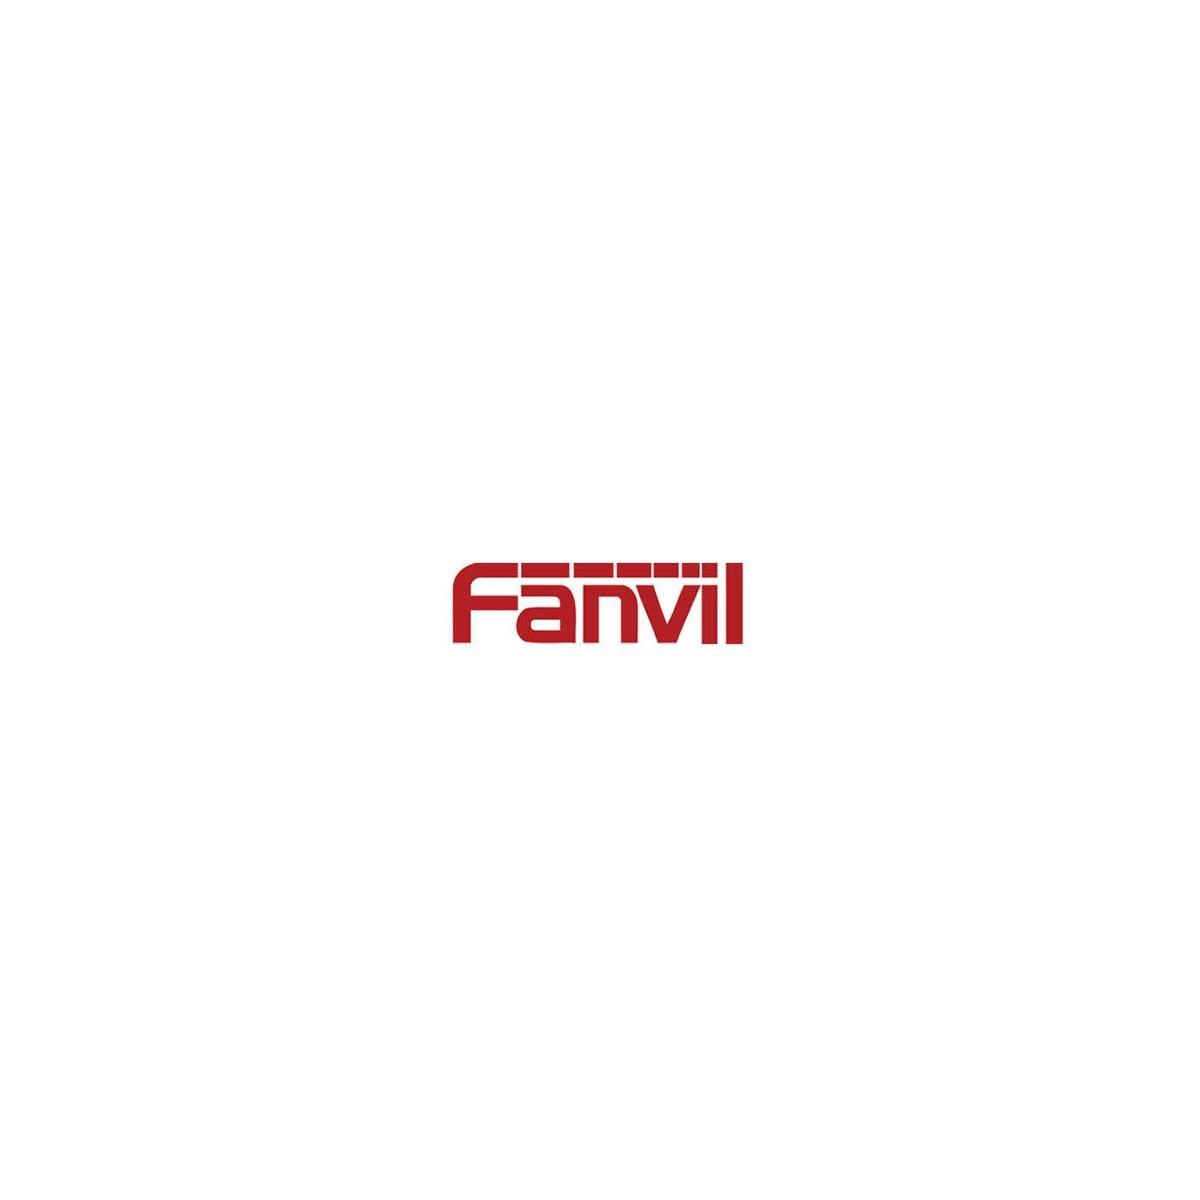 Fanvil Piastra per montaggio a filo parete da incasso, compatibile con i18S, i23S, i31S.